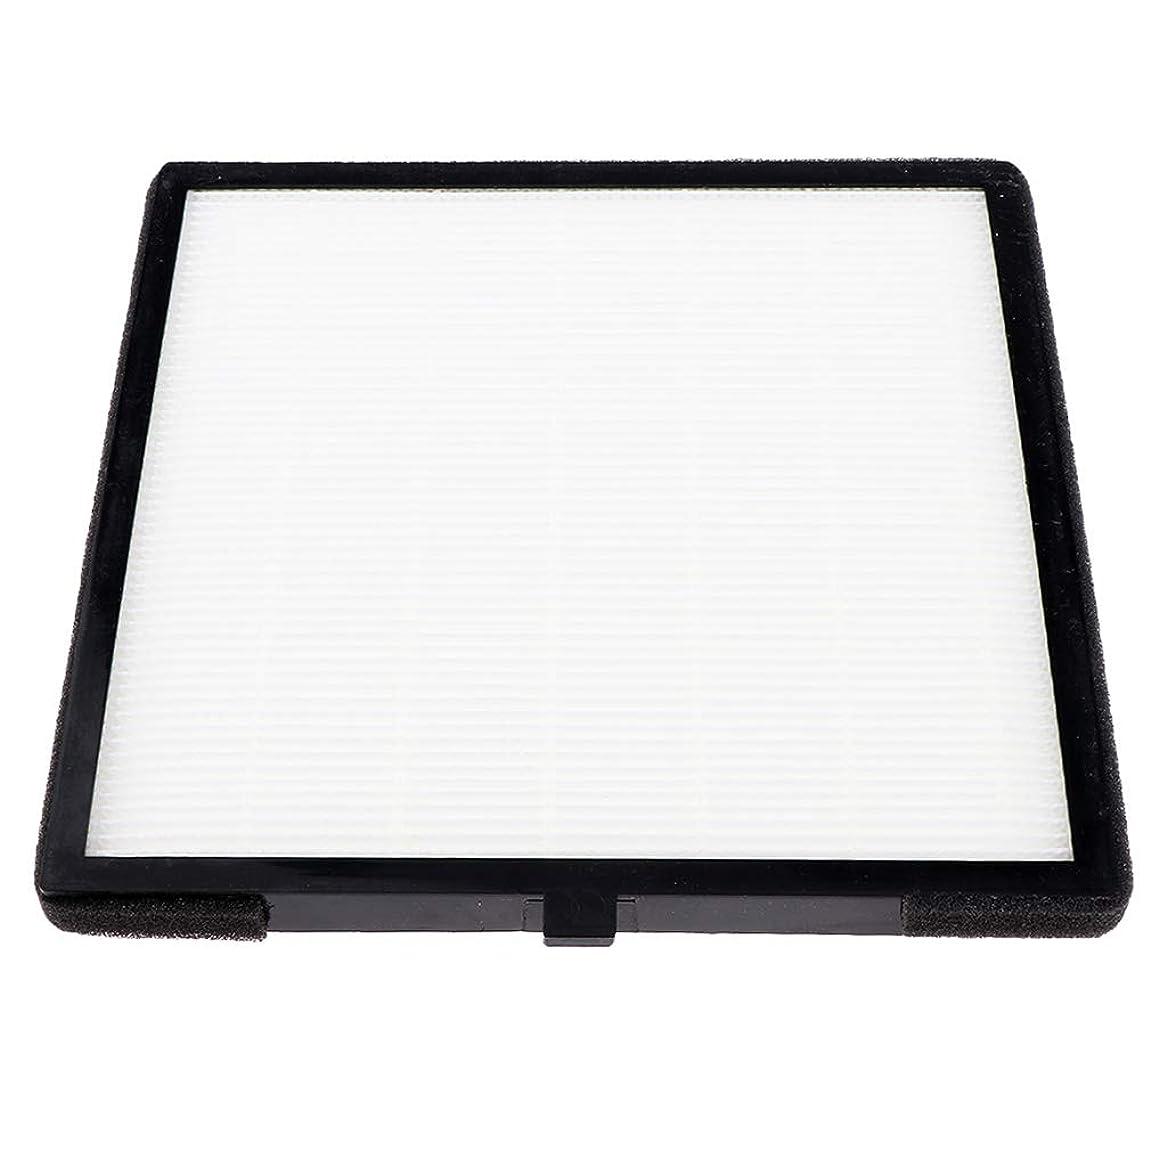 興奮非公式役に立たないネイル ネイルアート ダストコレクターフィルタースクリーン 集塵機フィルター 集塵装置